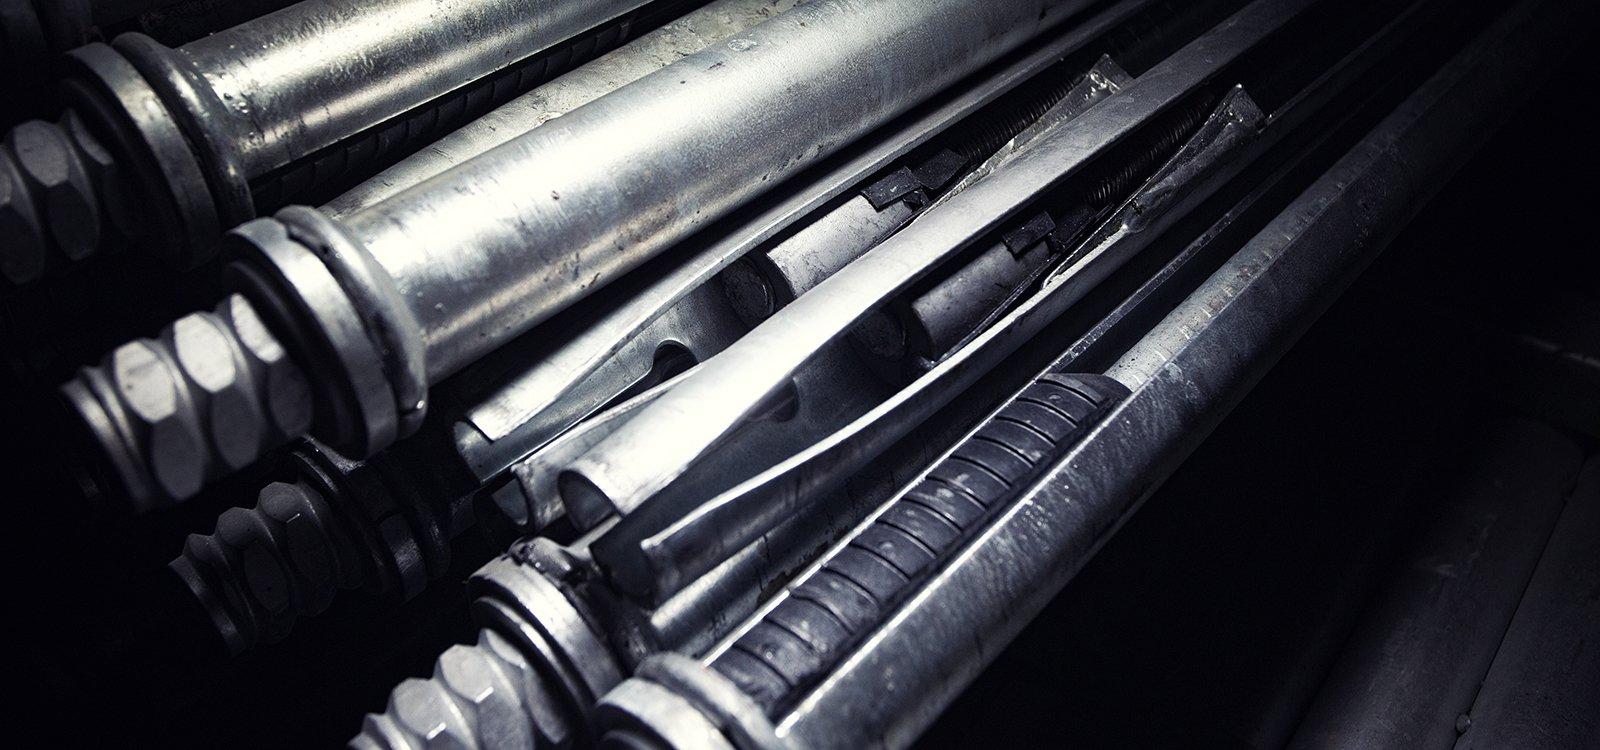 山特维克Mechanical Dynamic(MD)锚杆可替代多种地面支护系统,大幅缩短了杜加尔河矿的地面支护作业周期。